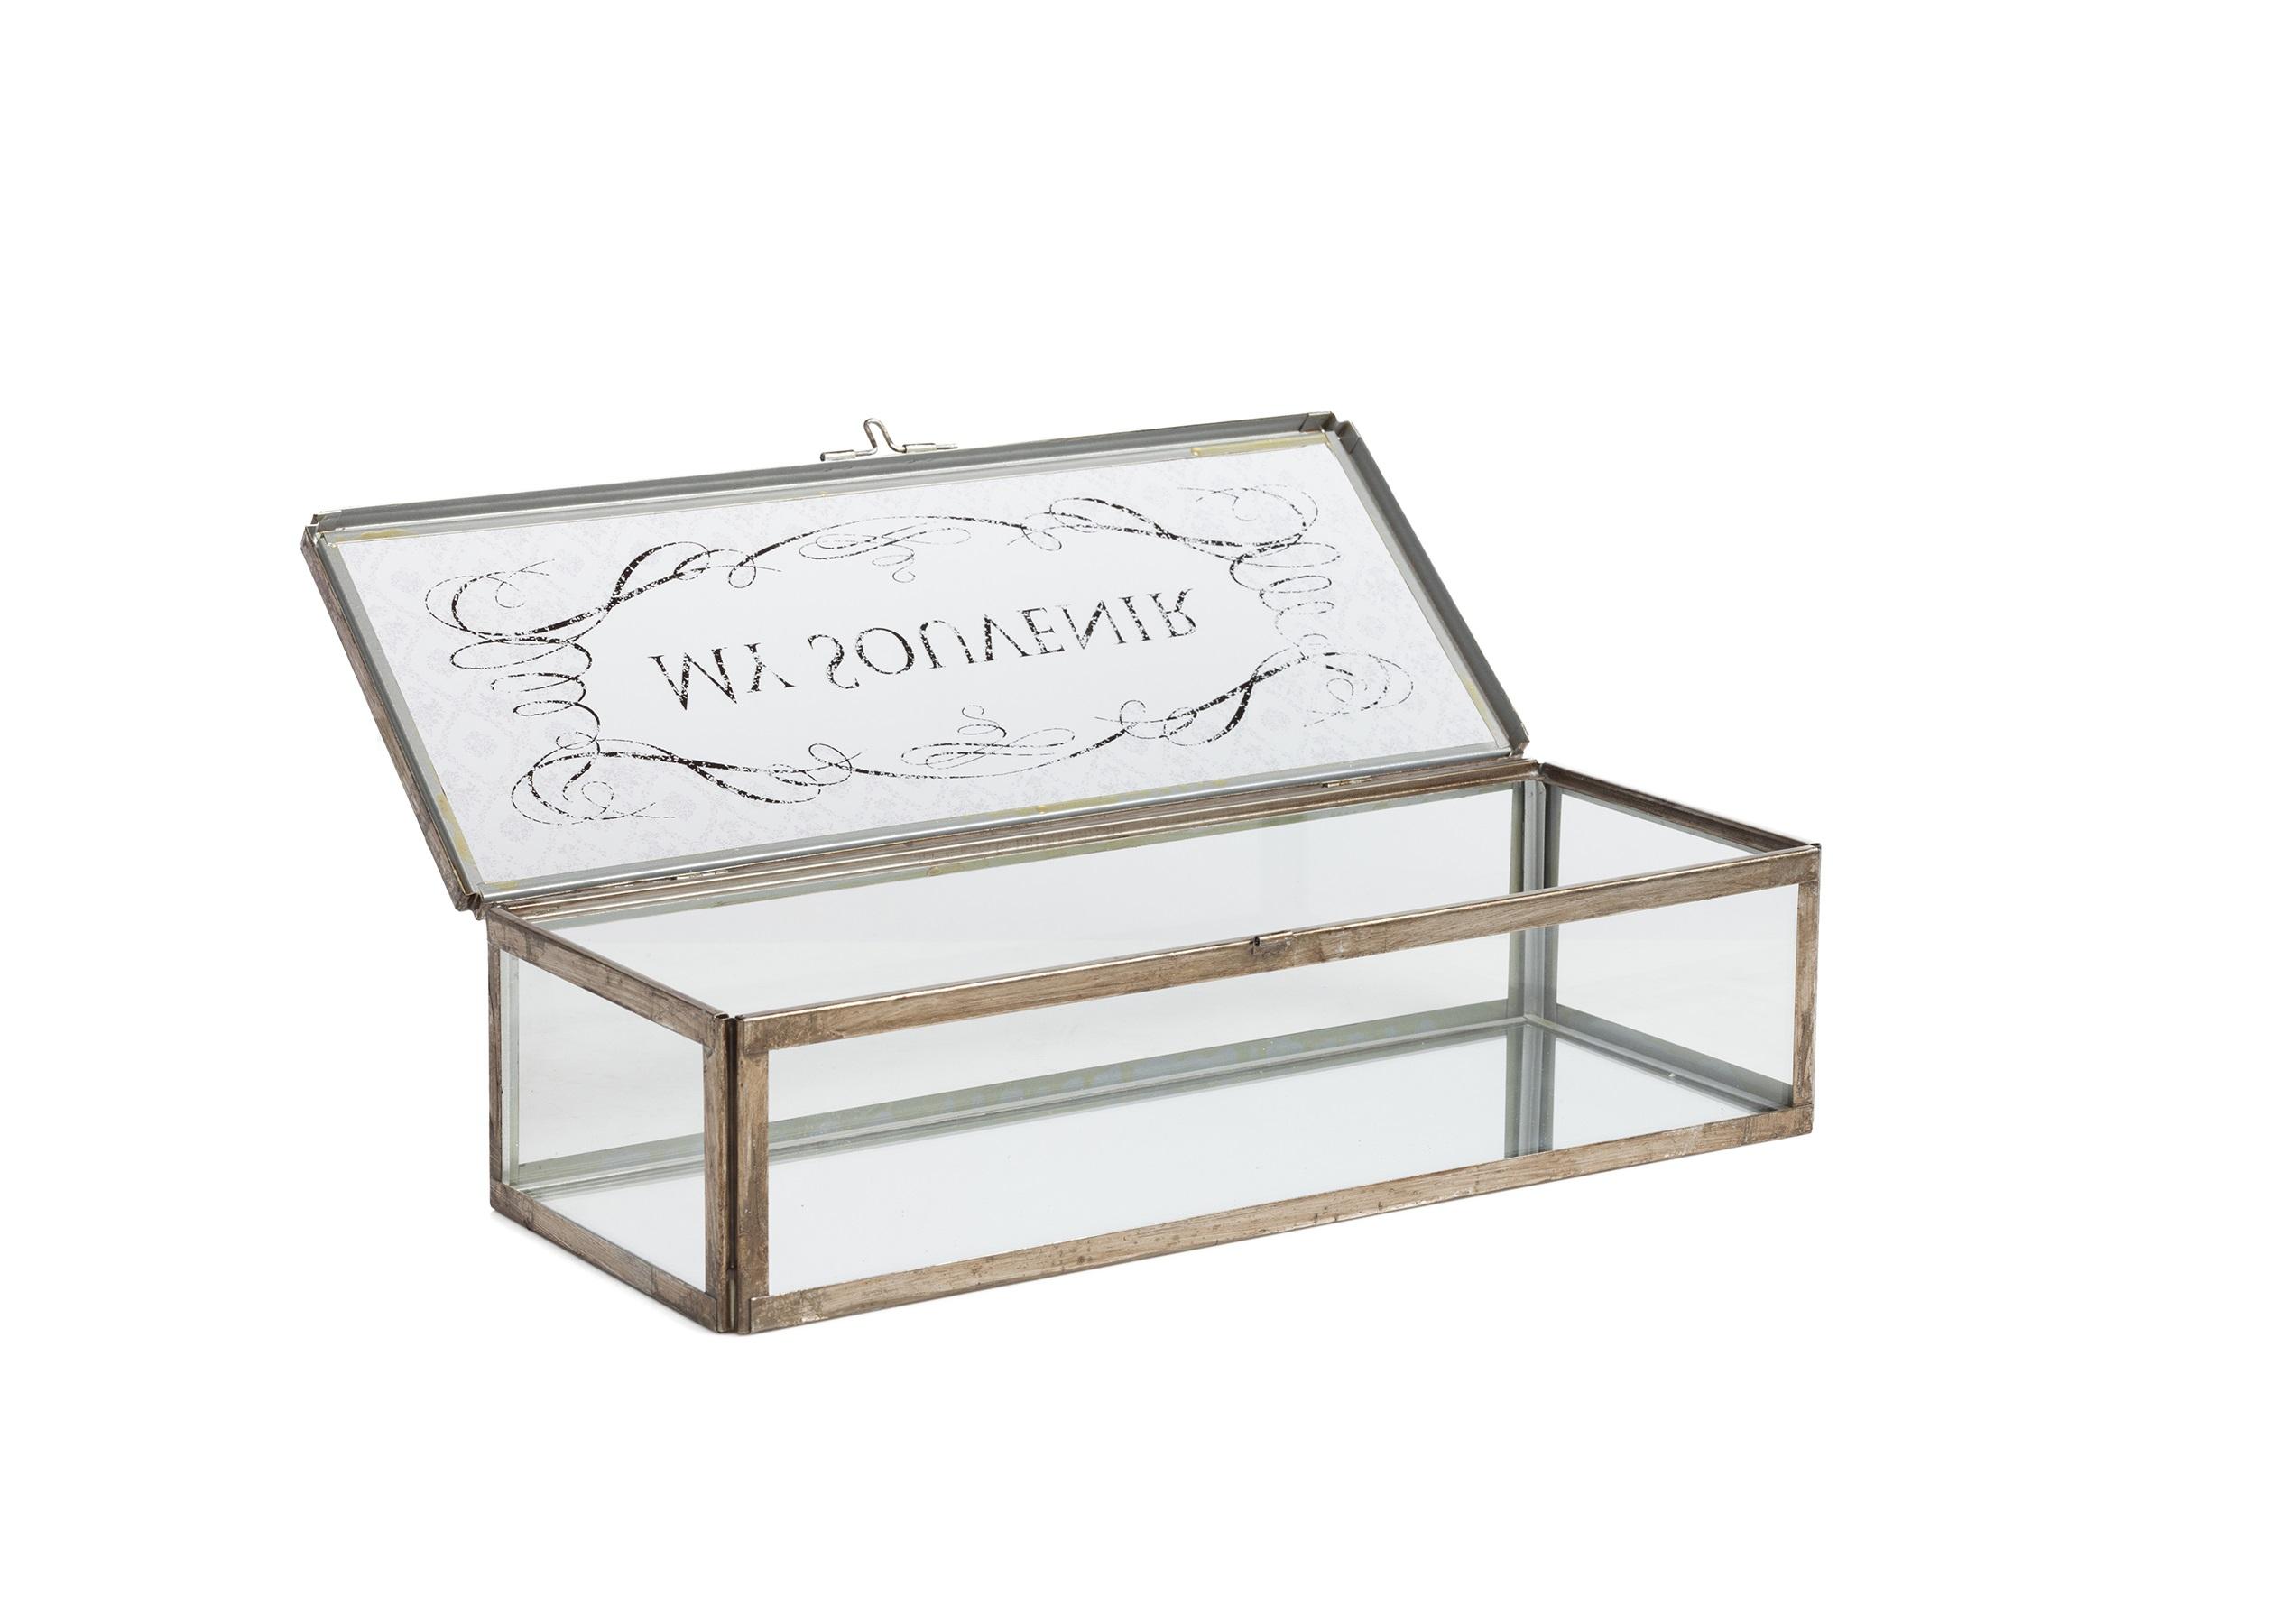 Коробка для ювелирных украшений AlanaШкатулки<br>&amp;lt;div&amp;gt;Материал: Стекло, Металл&amp;lt;/div&amp;gt;&amp;lt;div&amp;gt;&amp;lt;br&amp;gt;&amp;lt;/div&amp;gt;<br><br>Material: Металл<br>Length см: None<br>Width см: 15<br>Depth см: 40,5<br>Height см: 11